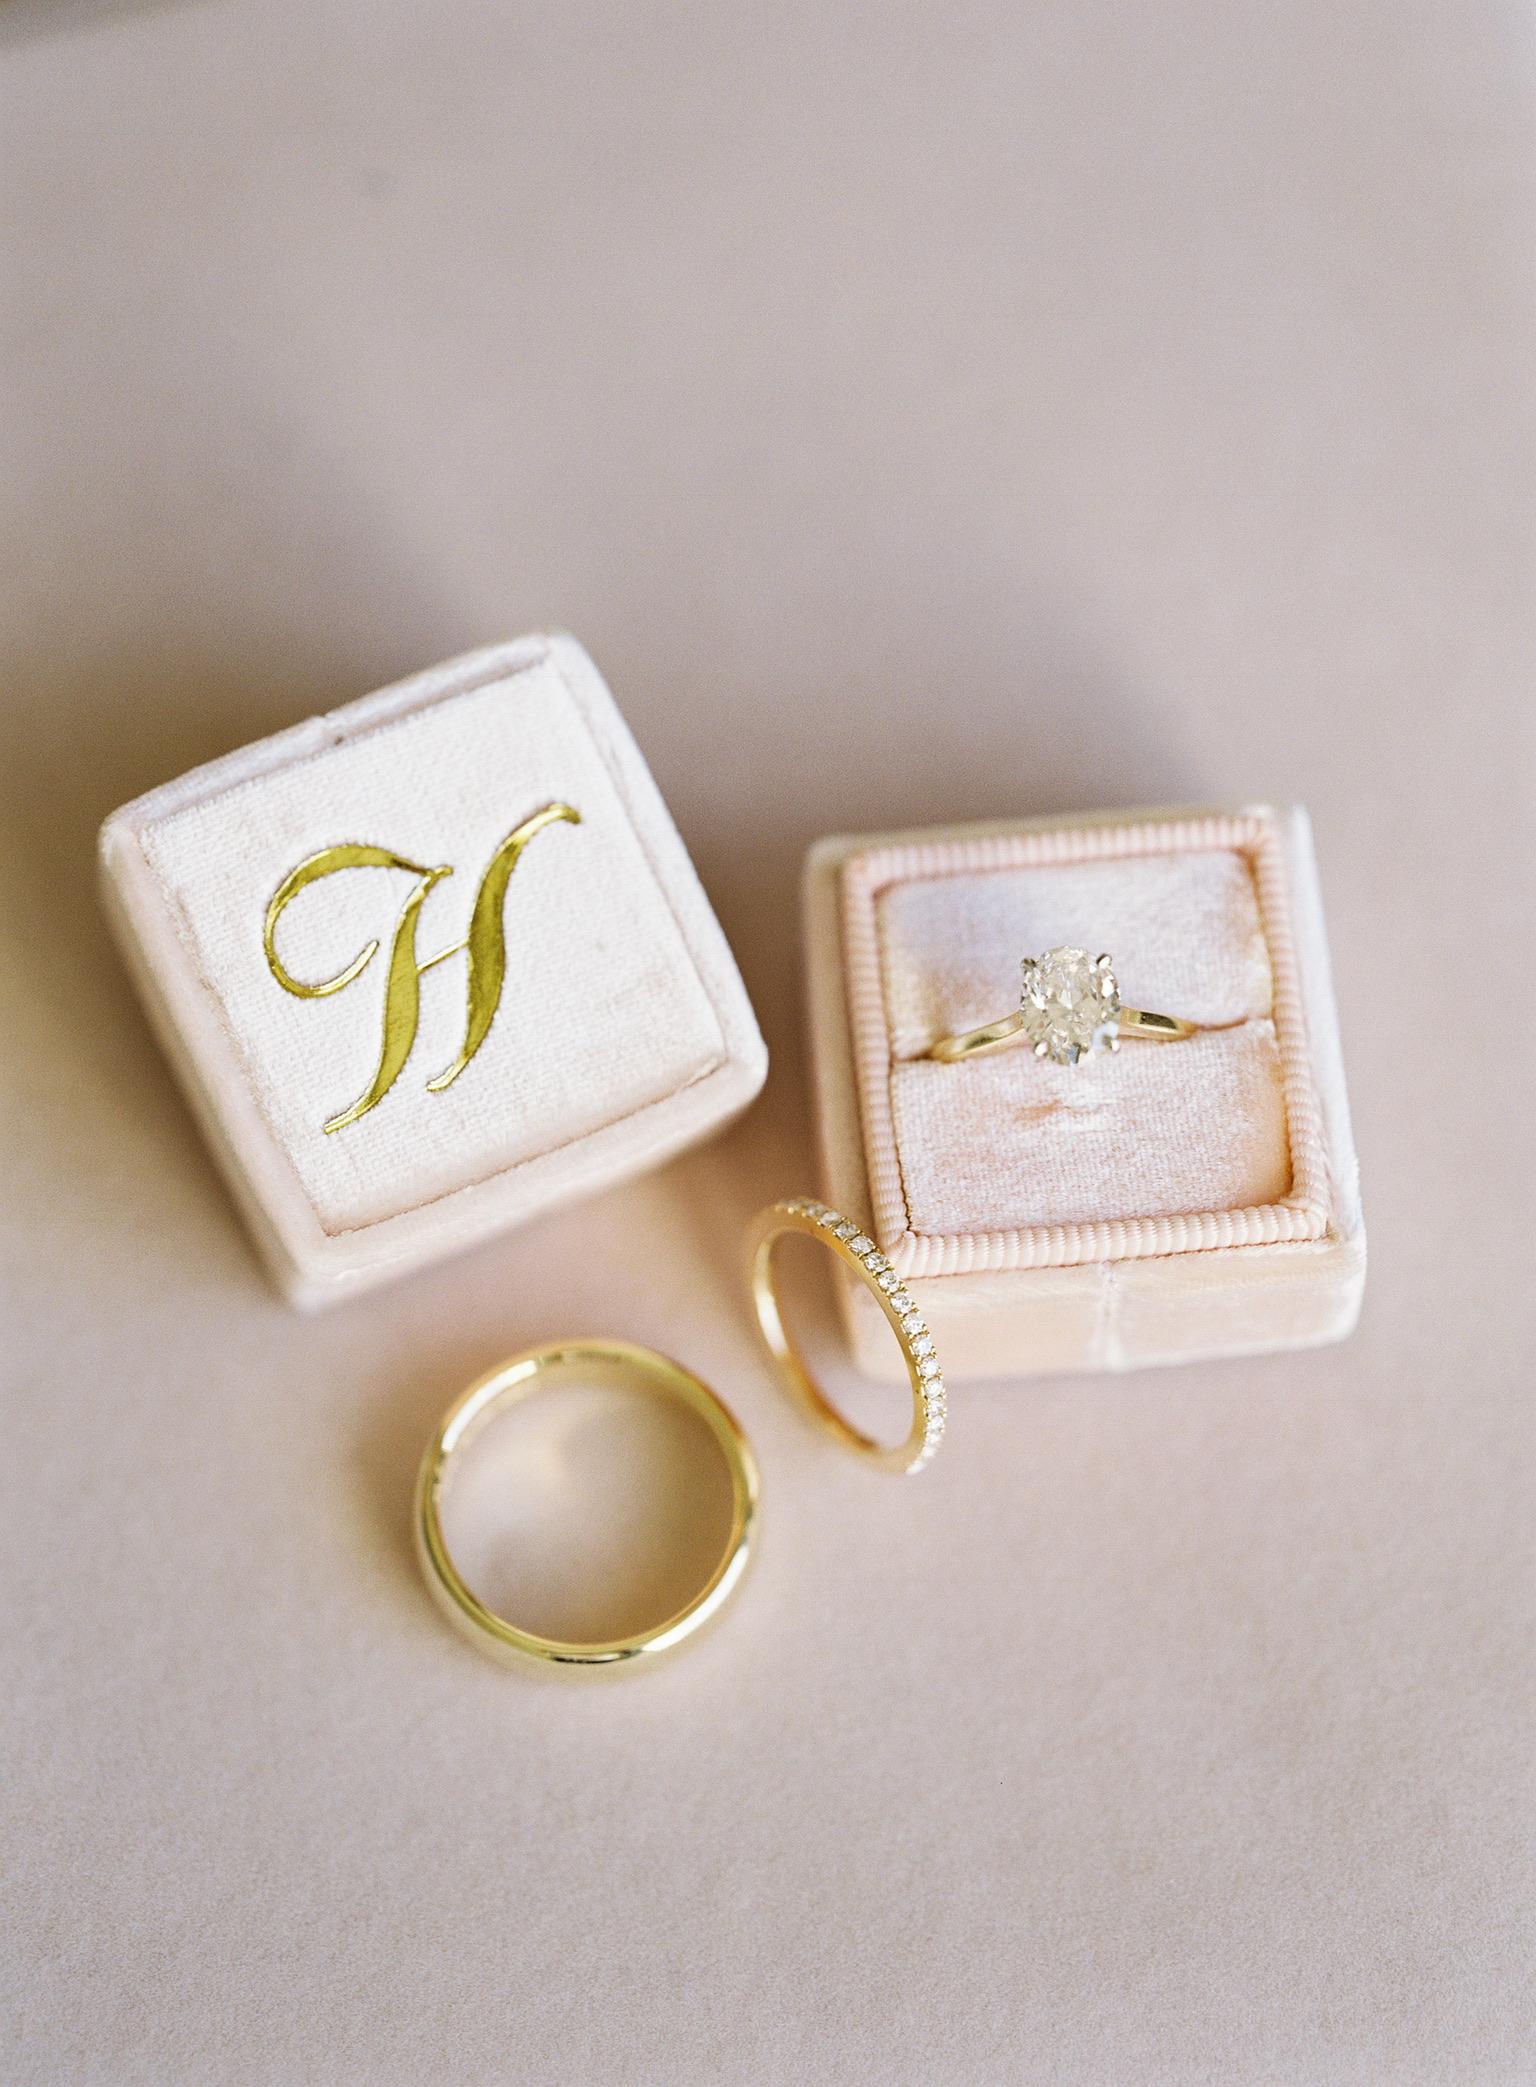 Wedding rings - eversomething.com